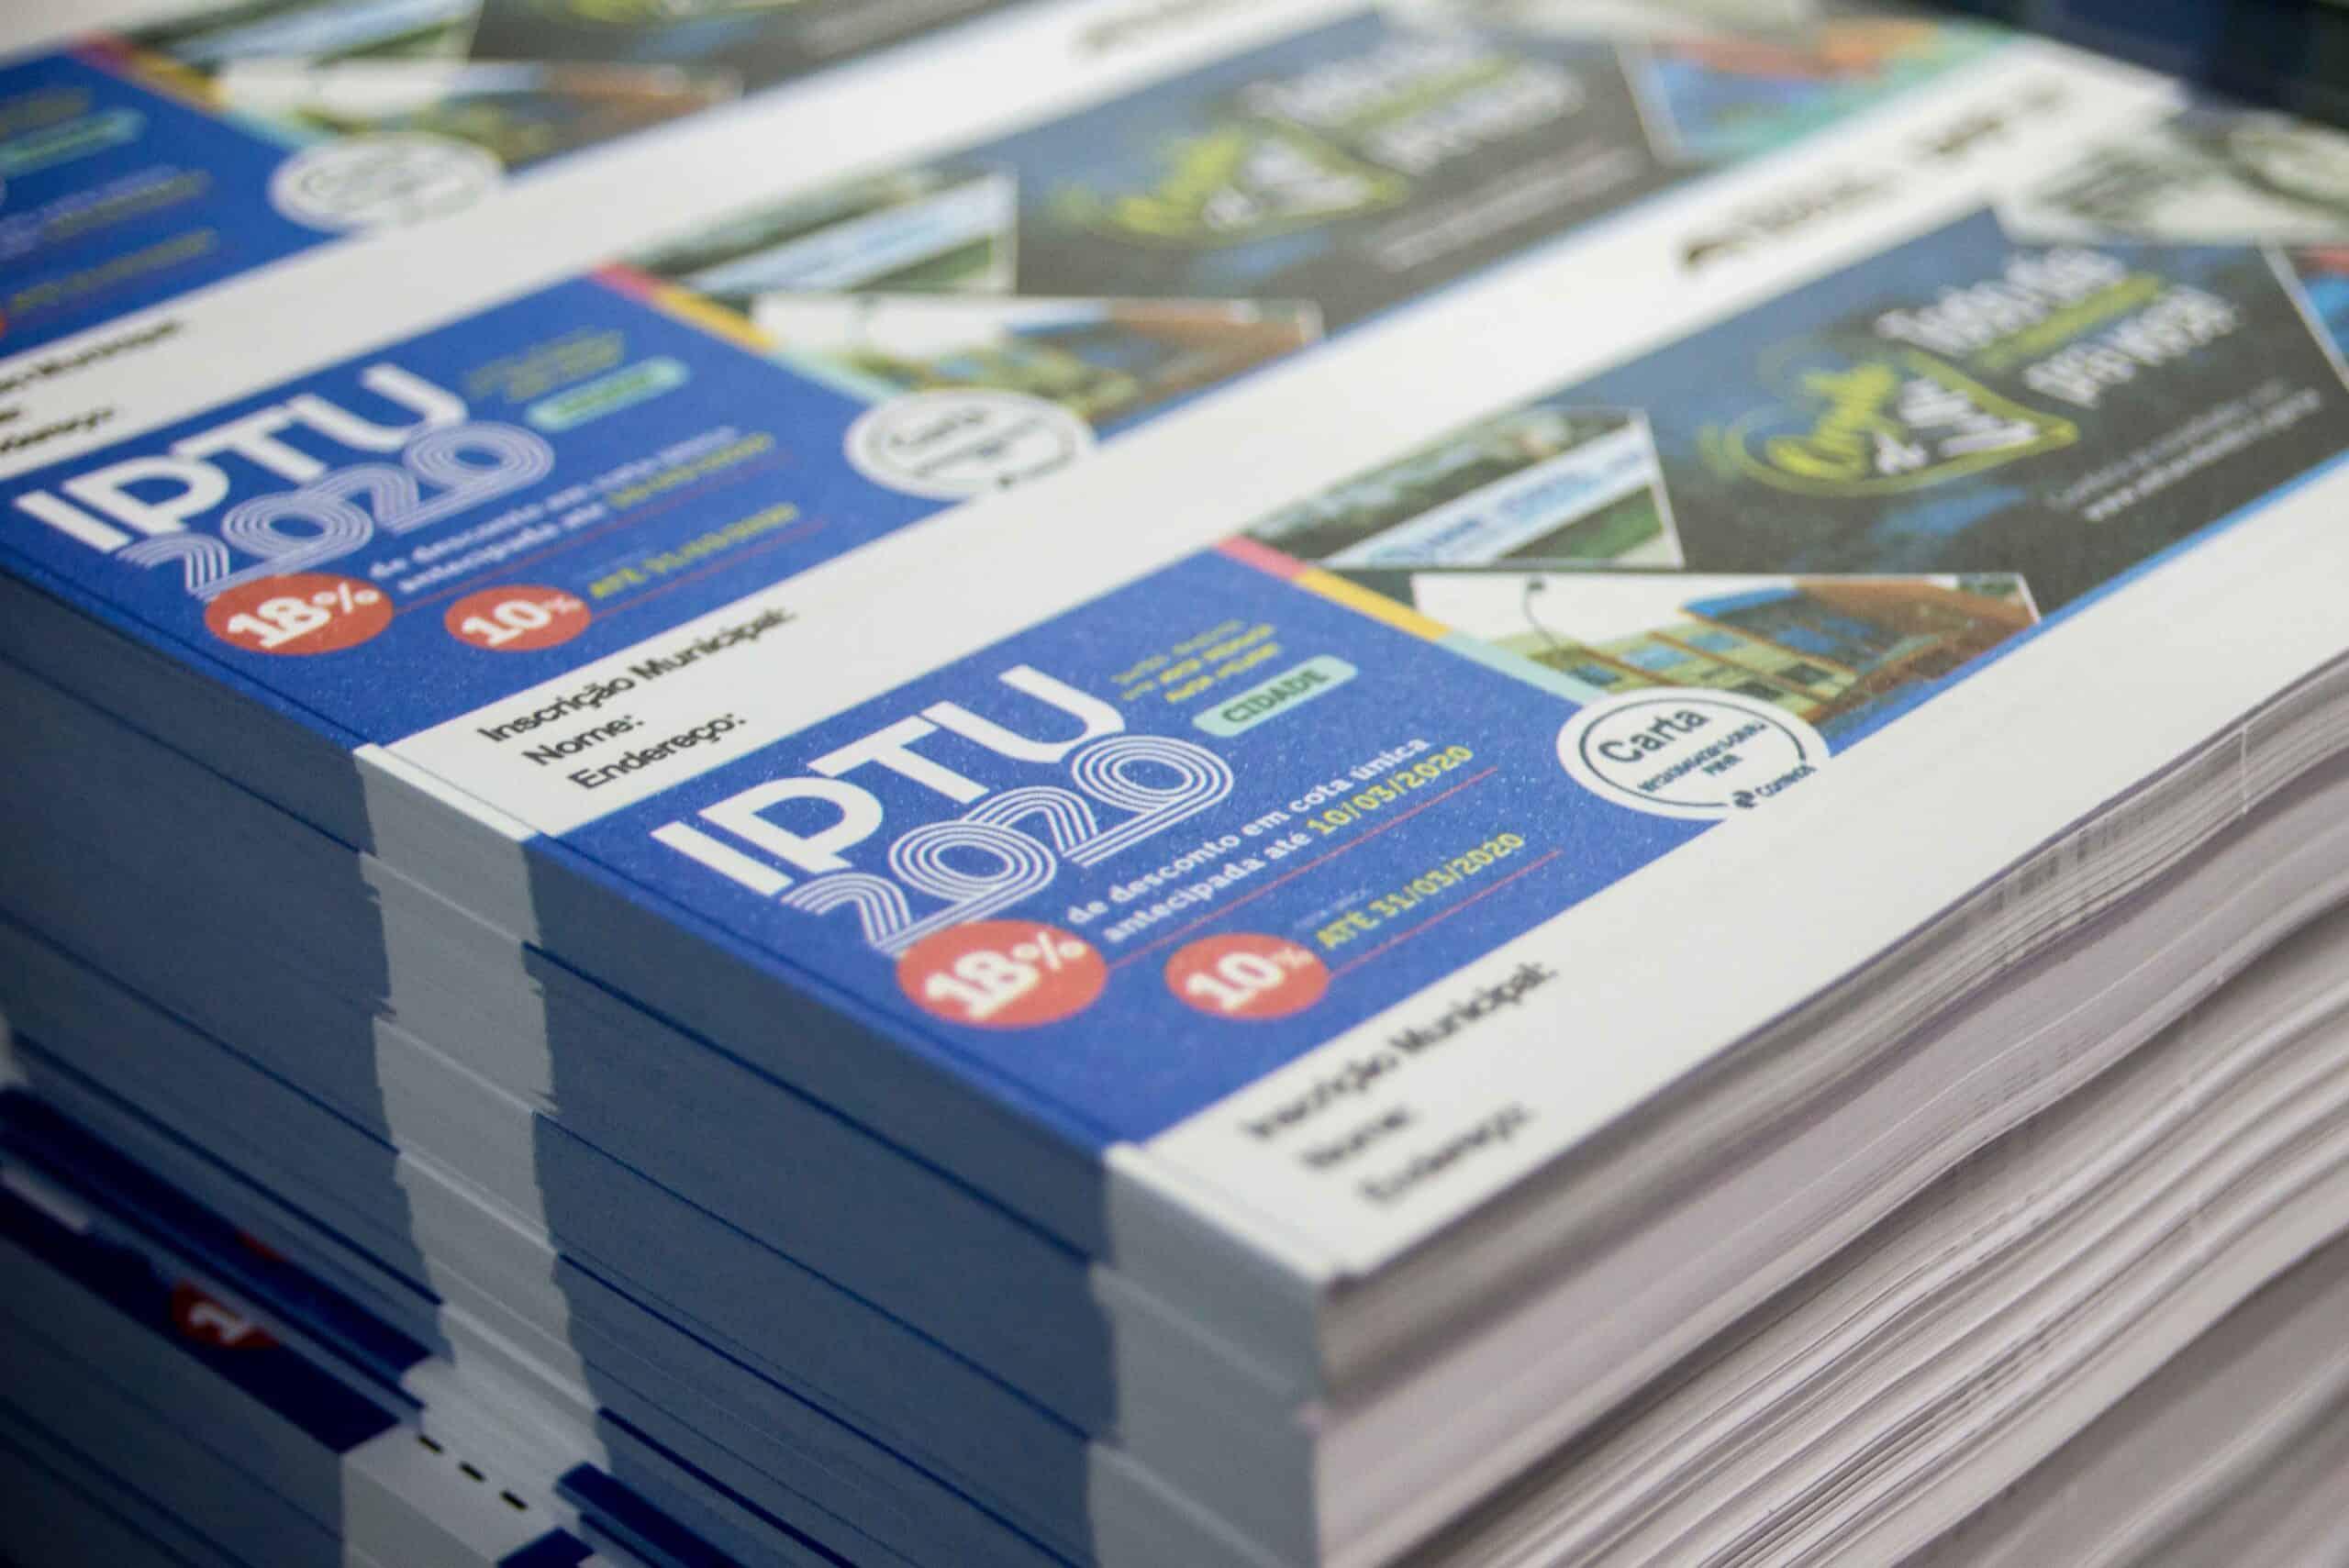 IPTU RJ: Negociação de débitos em atraso termina nesta semana; veja como fazer